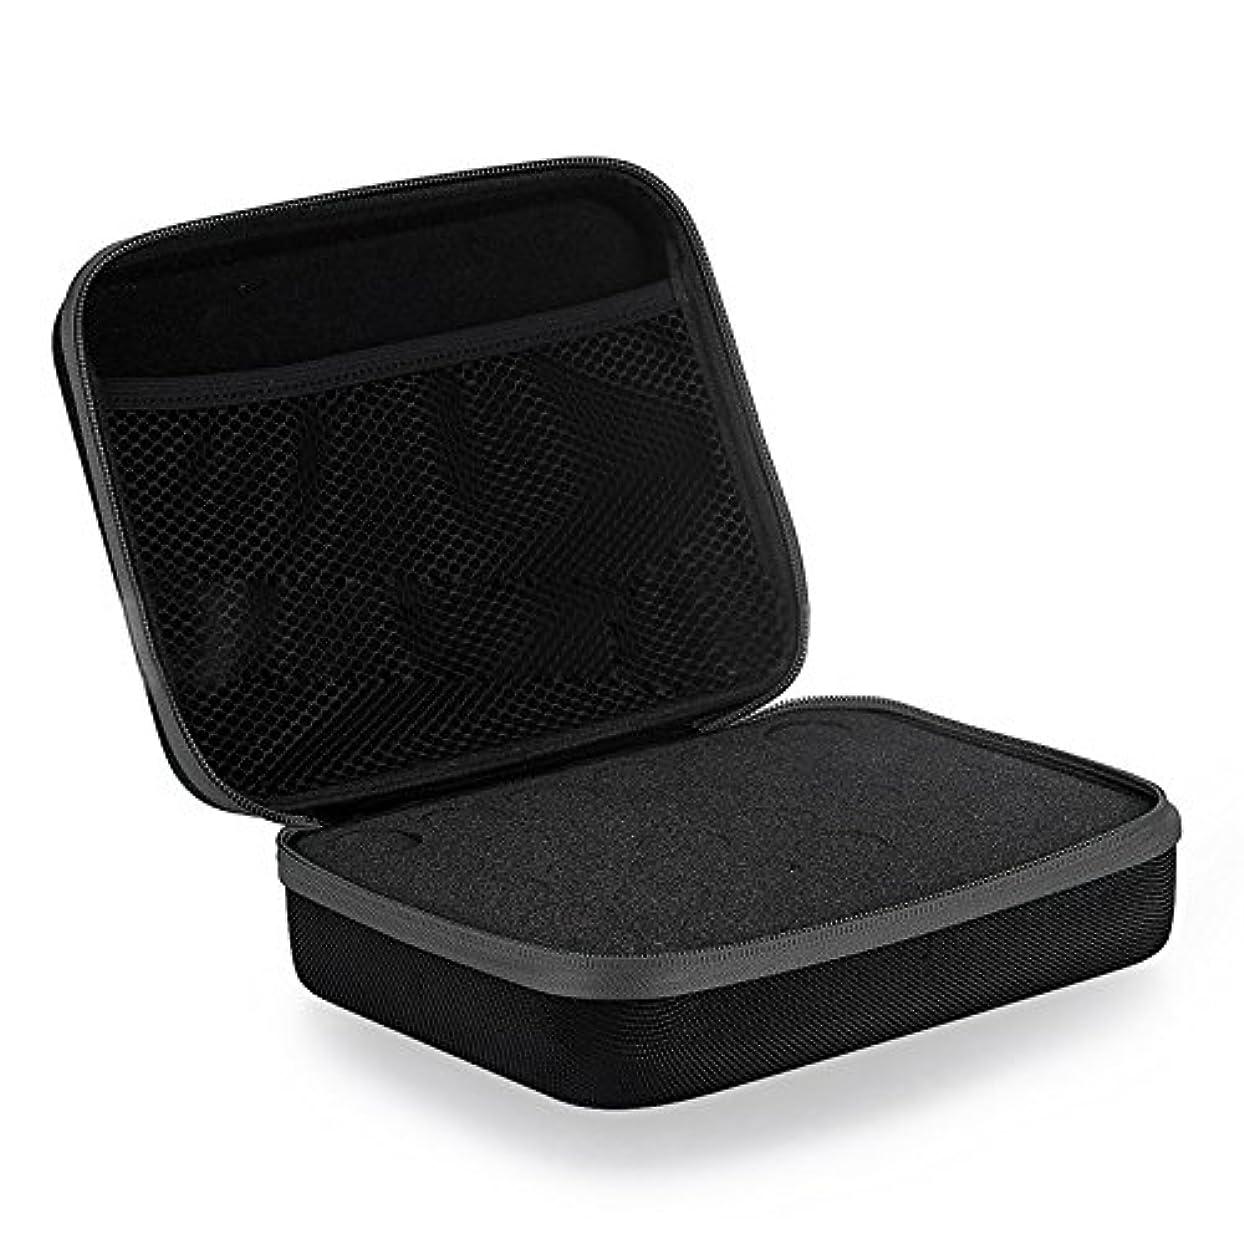 完全に乾く誤同情Farlong アロマポーチ エッセンシャルオイル ケース 携帯用 アロマケース メイクポーチ 精油ケース 大容量 アロマセラピストポーチ 30本用 4色おしゃれ (ブラック)